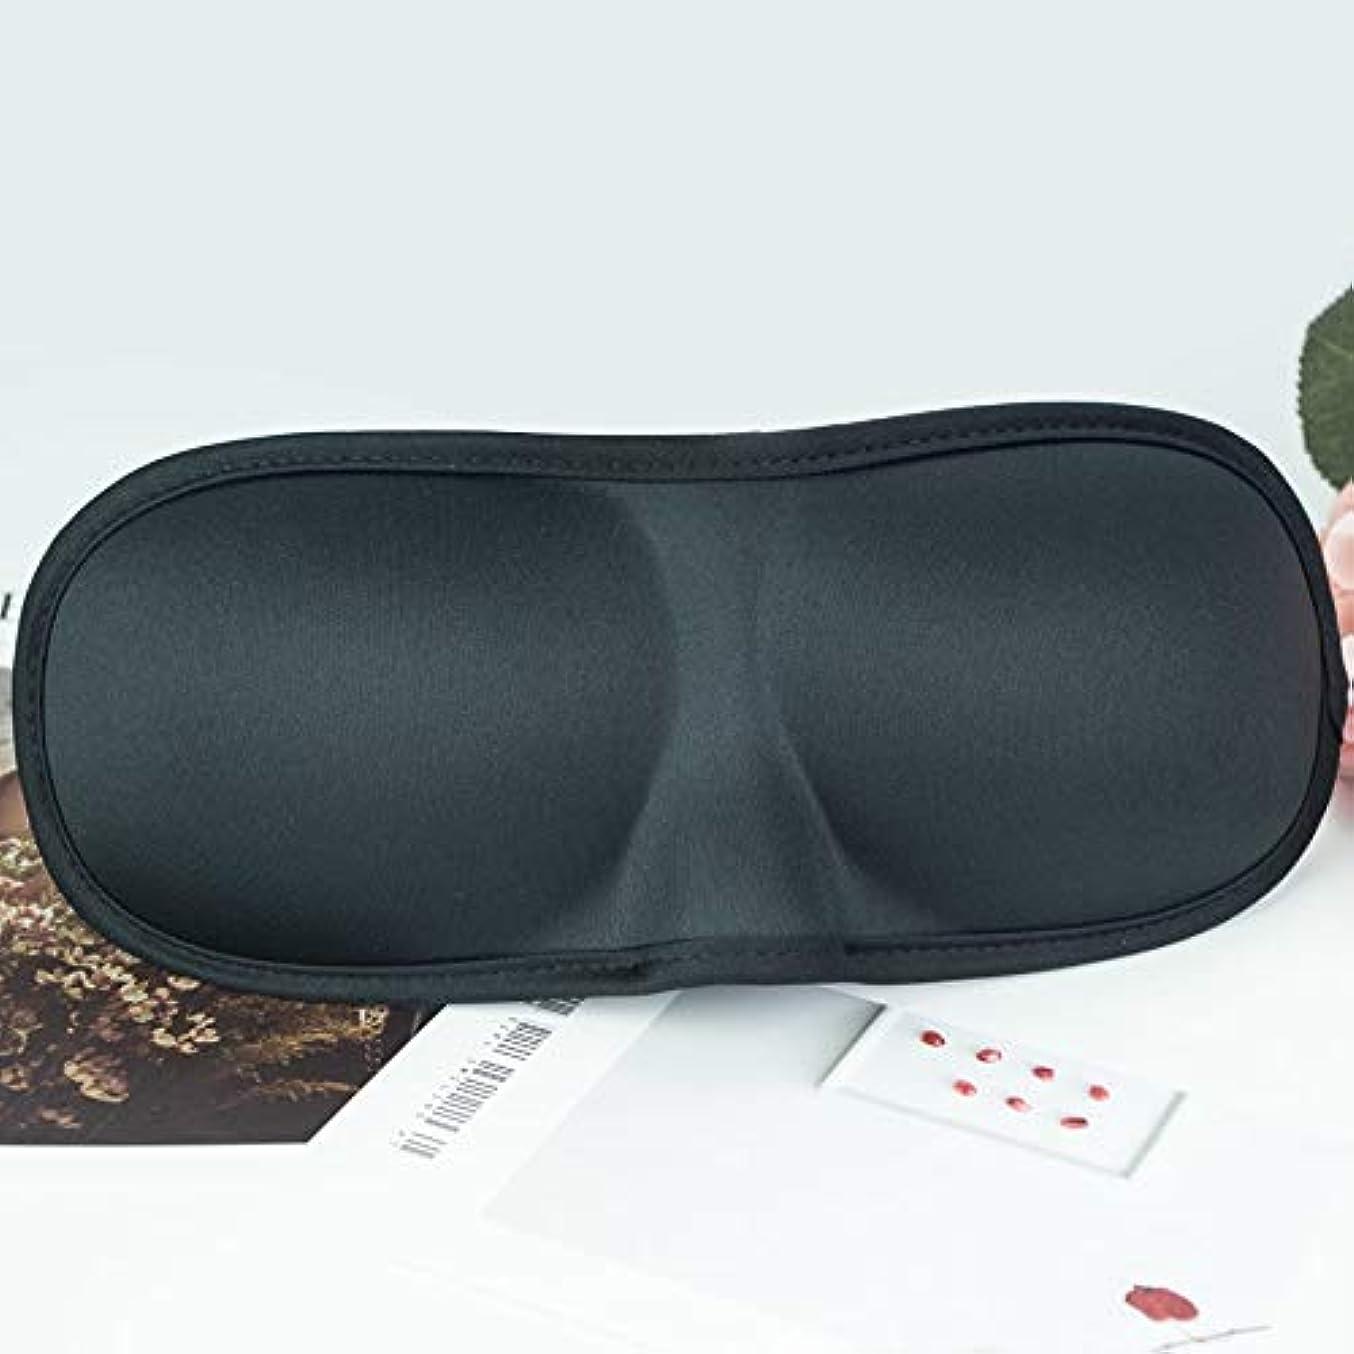 読むワイドボスNOTE 高品質3d睡眠アイマスク睡眠補助アイシェードポータブル旅行睡眠休息アイマスクカバーアイパッチ目隠し睡眠マスク